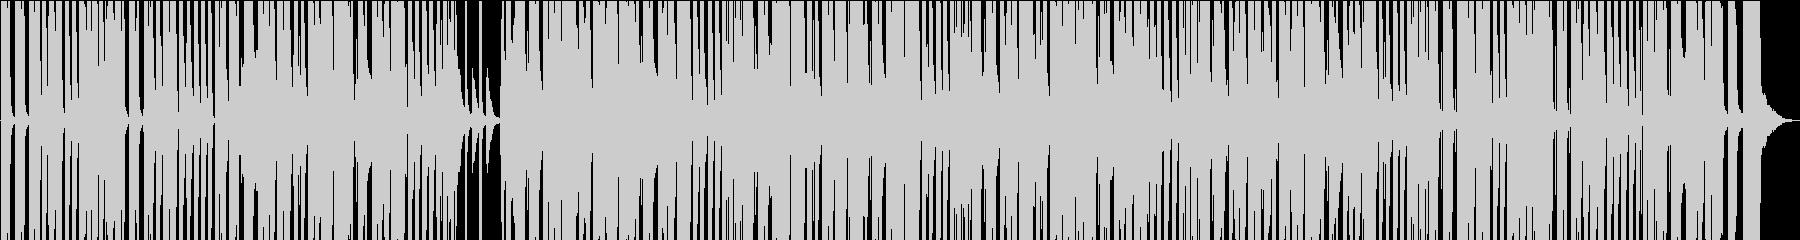 ファンク アクティブ 明るい ドラ...の未再生の波形